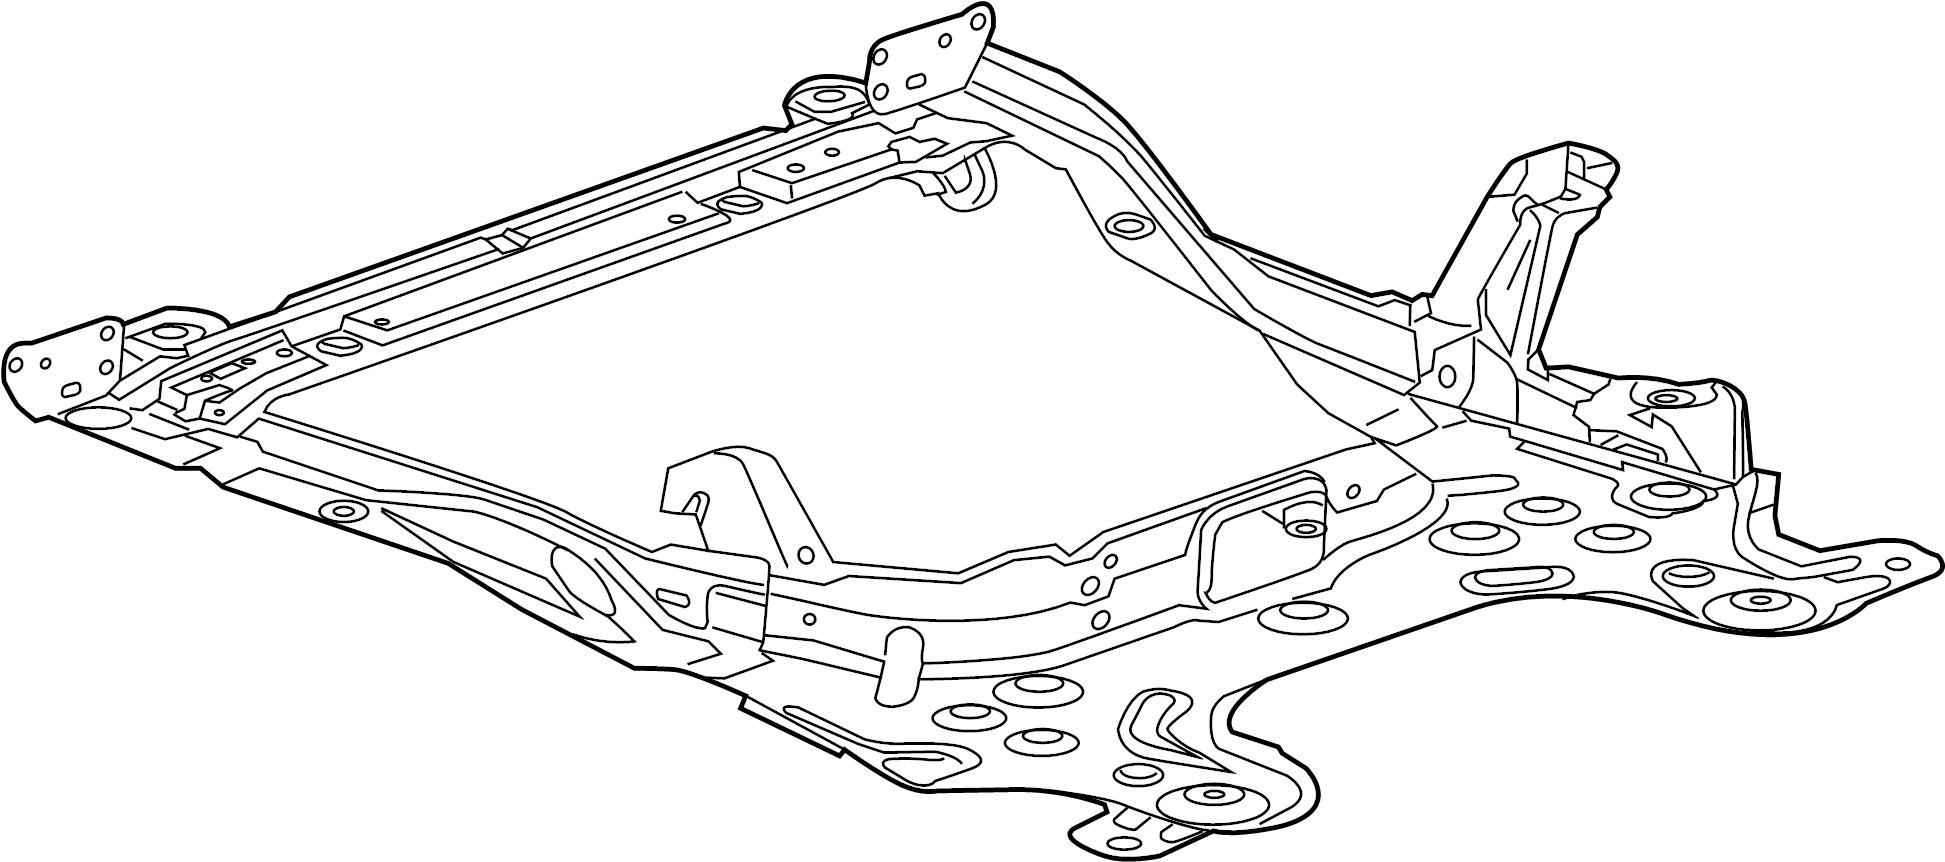 chevrolet sonic frame  suspension crossmember  front